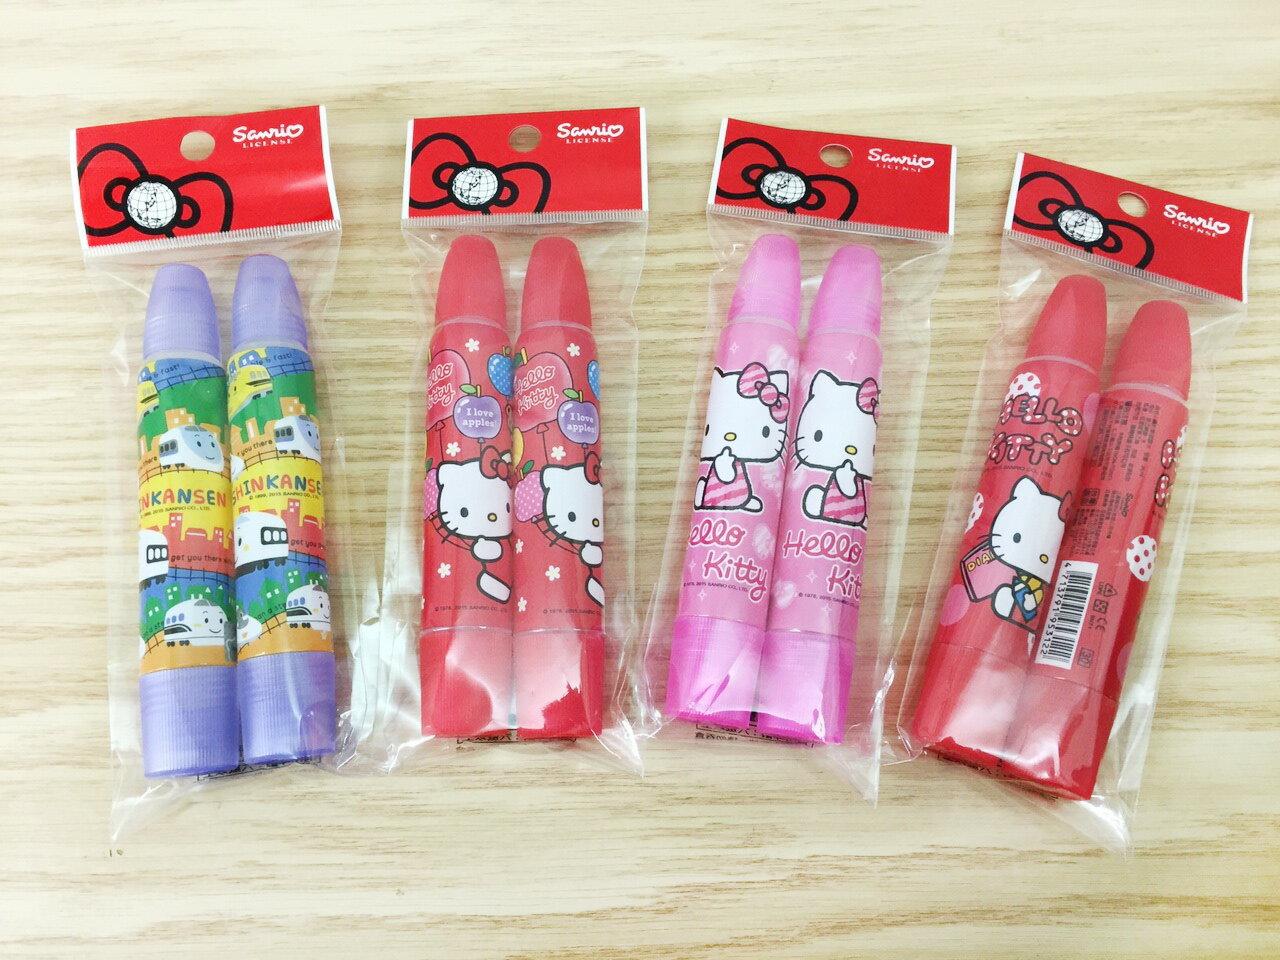 【真愛日本】16011400028 圓型雙頭膠水2入-多款 KITTY 凱蒂貓 三麗鷗 文具 膠水 辦公室用品